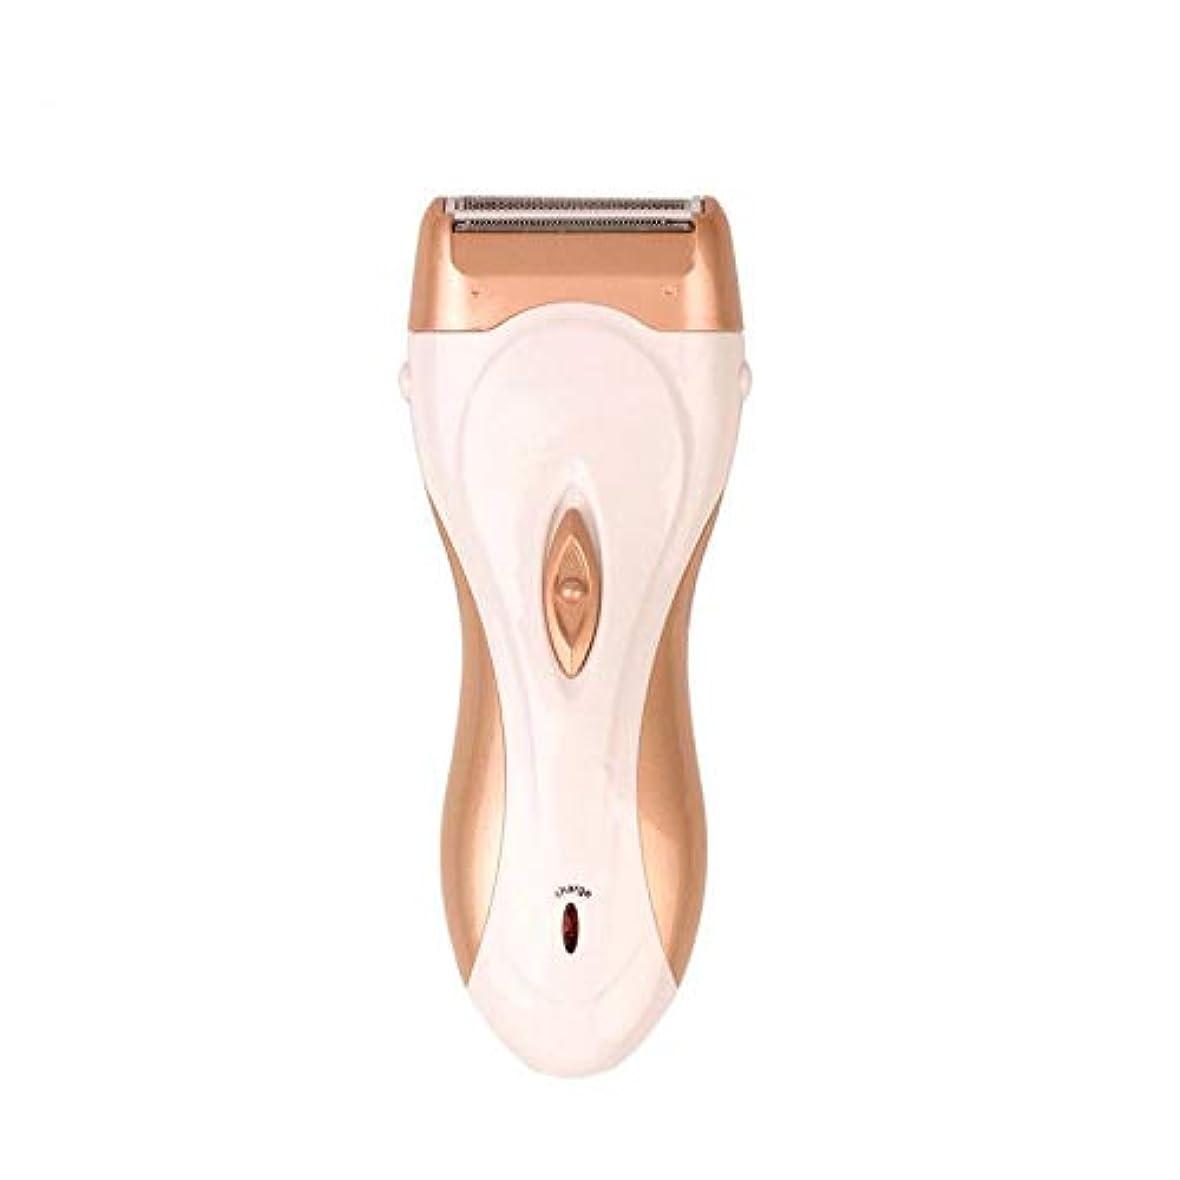 ジョットディボンドン長さケニアCKUEYTNB 全身脇の下の足の脇の下のビキニの脱毛のための女性の脱毛器の脱毛r